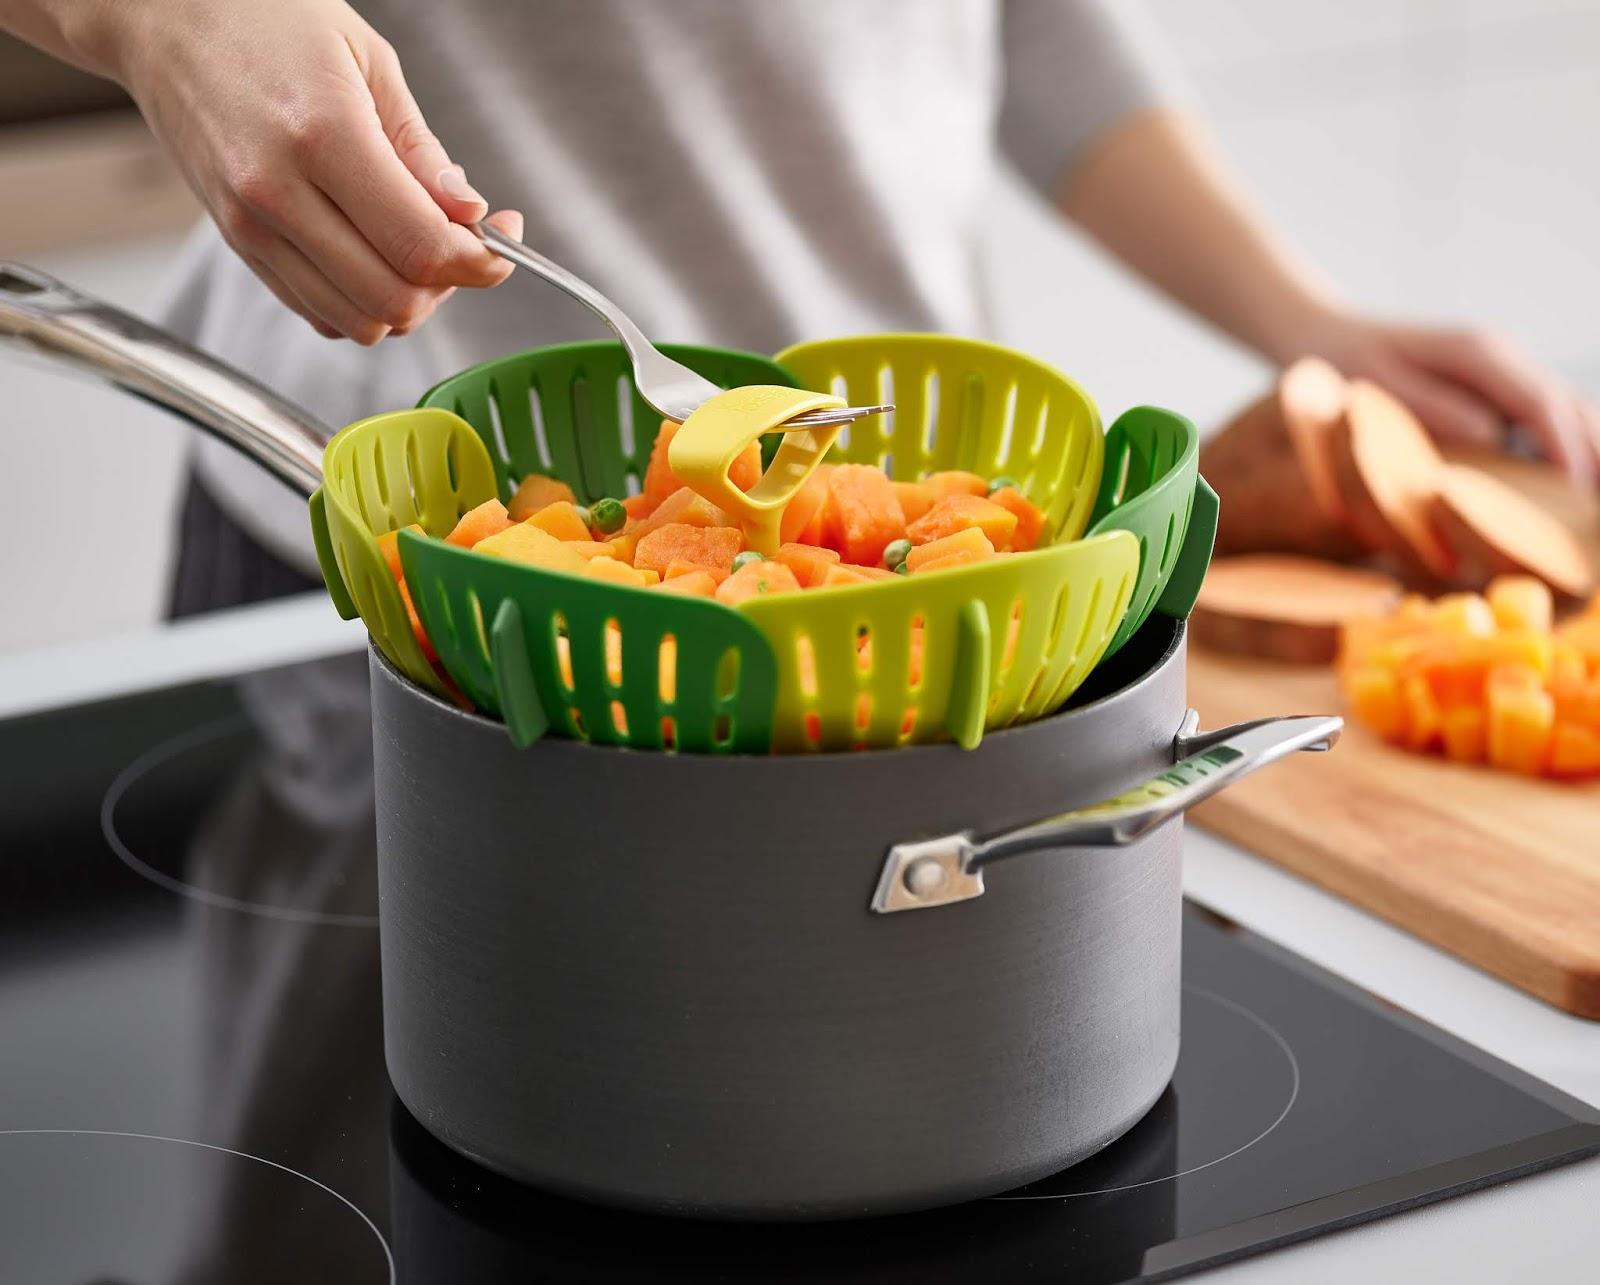 Bloom™ Folding Steamer Basket